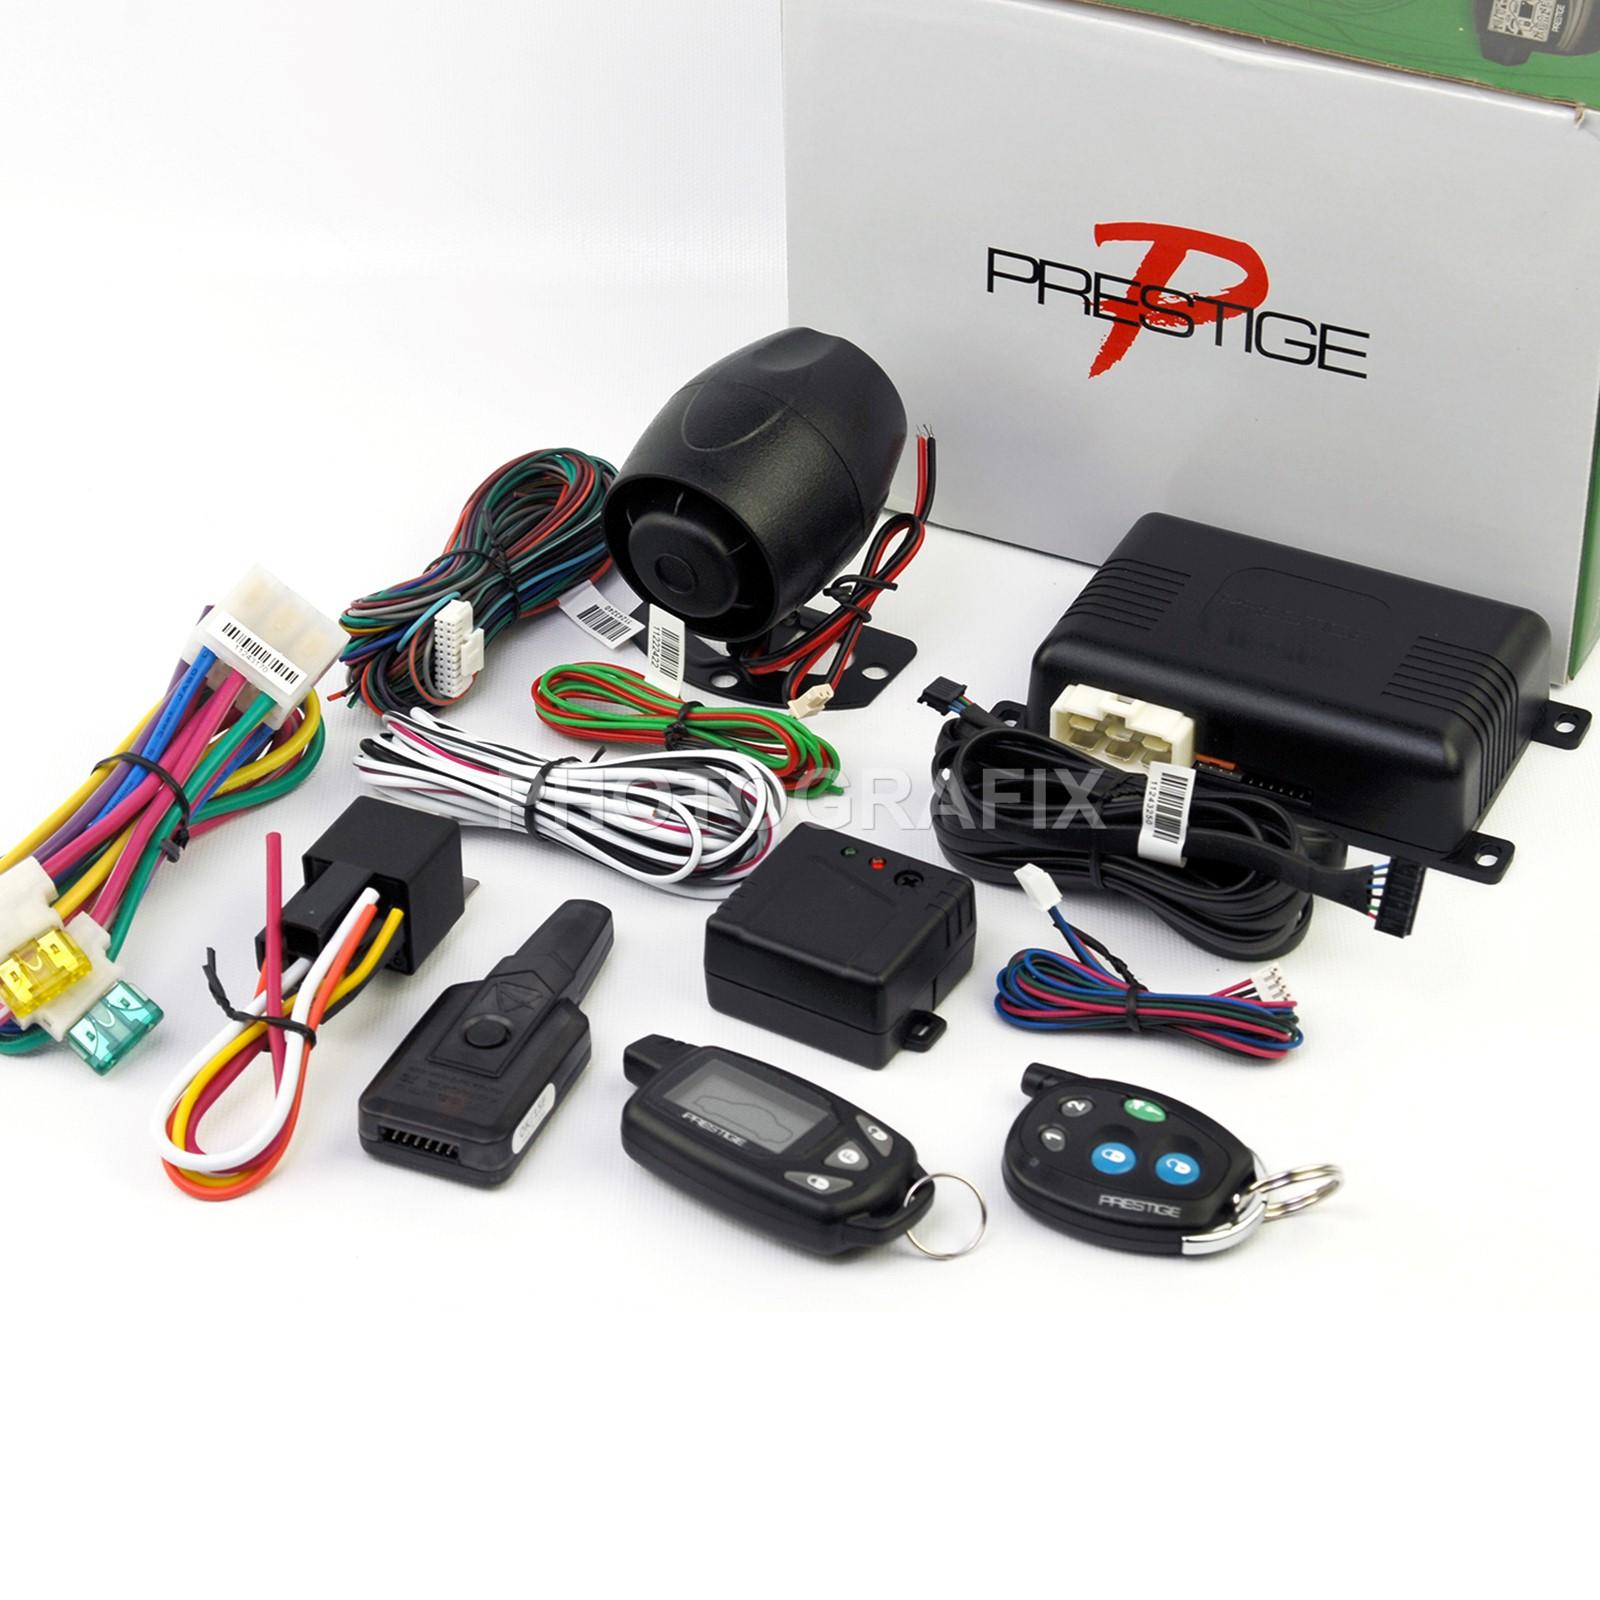 audiovox alarm remote start wiring audiovox alarm remote start wiring  audiovox alarm remote start wiring